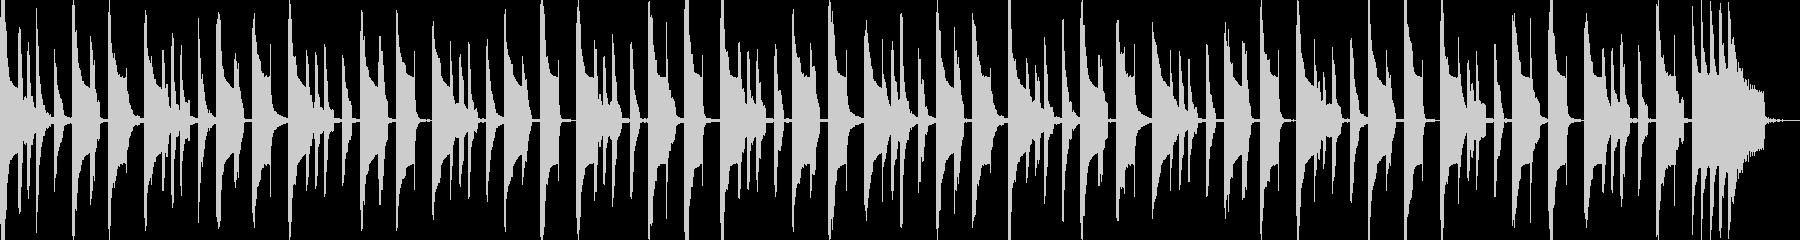 まぬけでコミカルな曲の未再生の波形